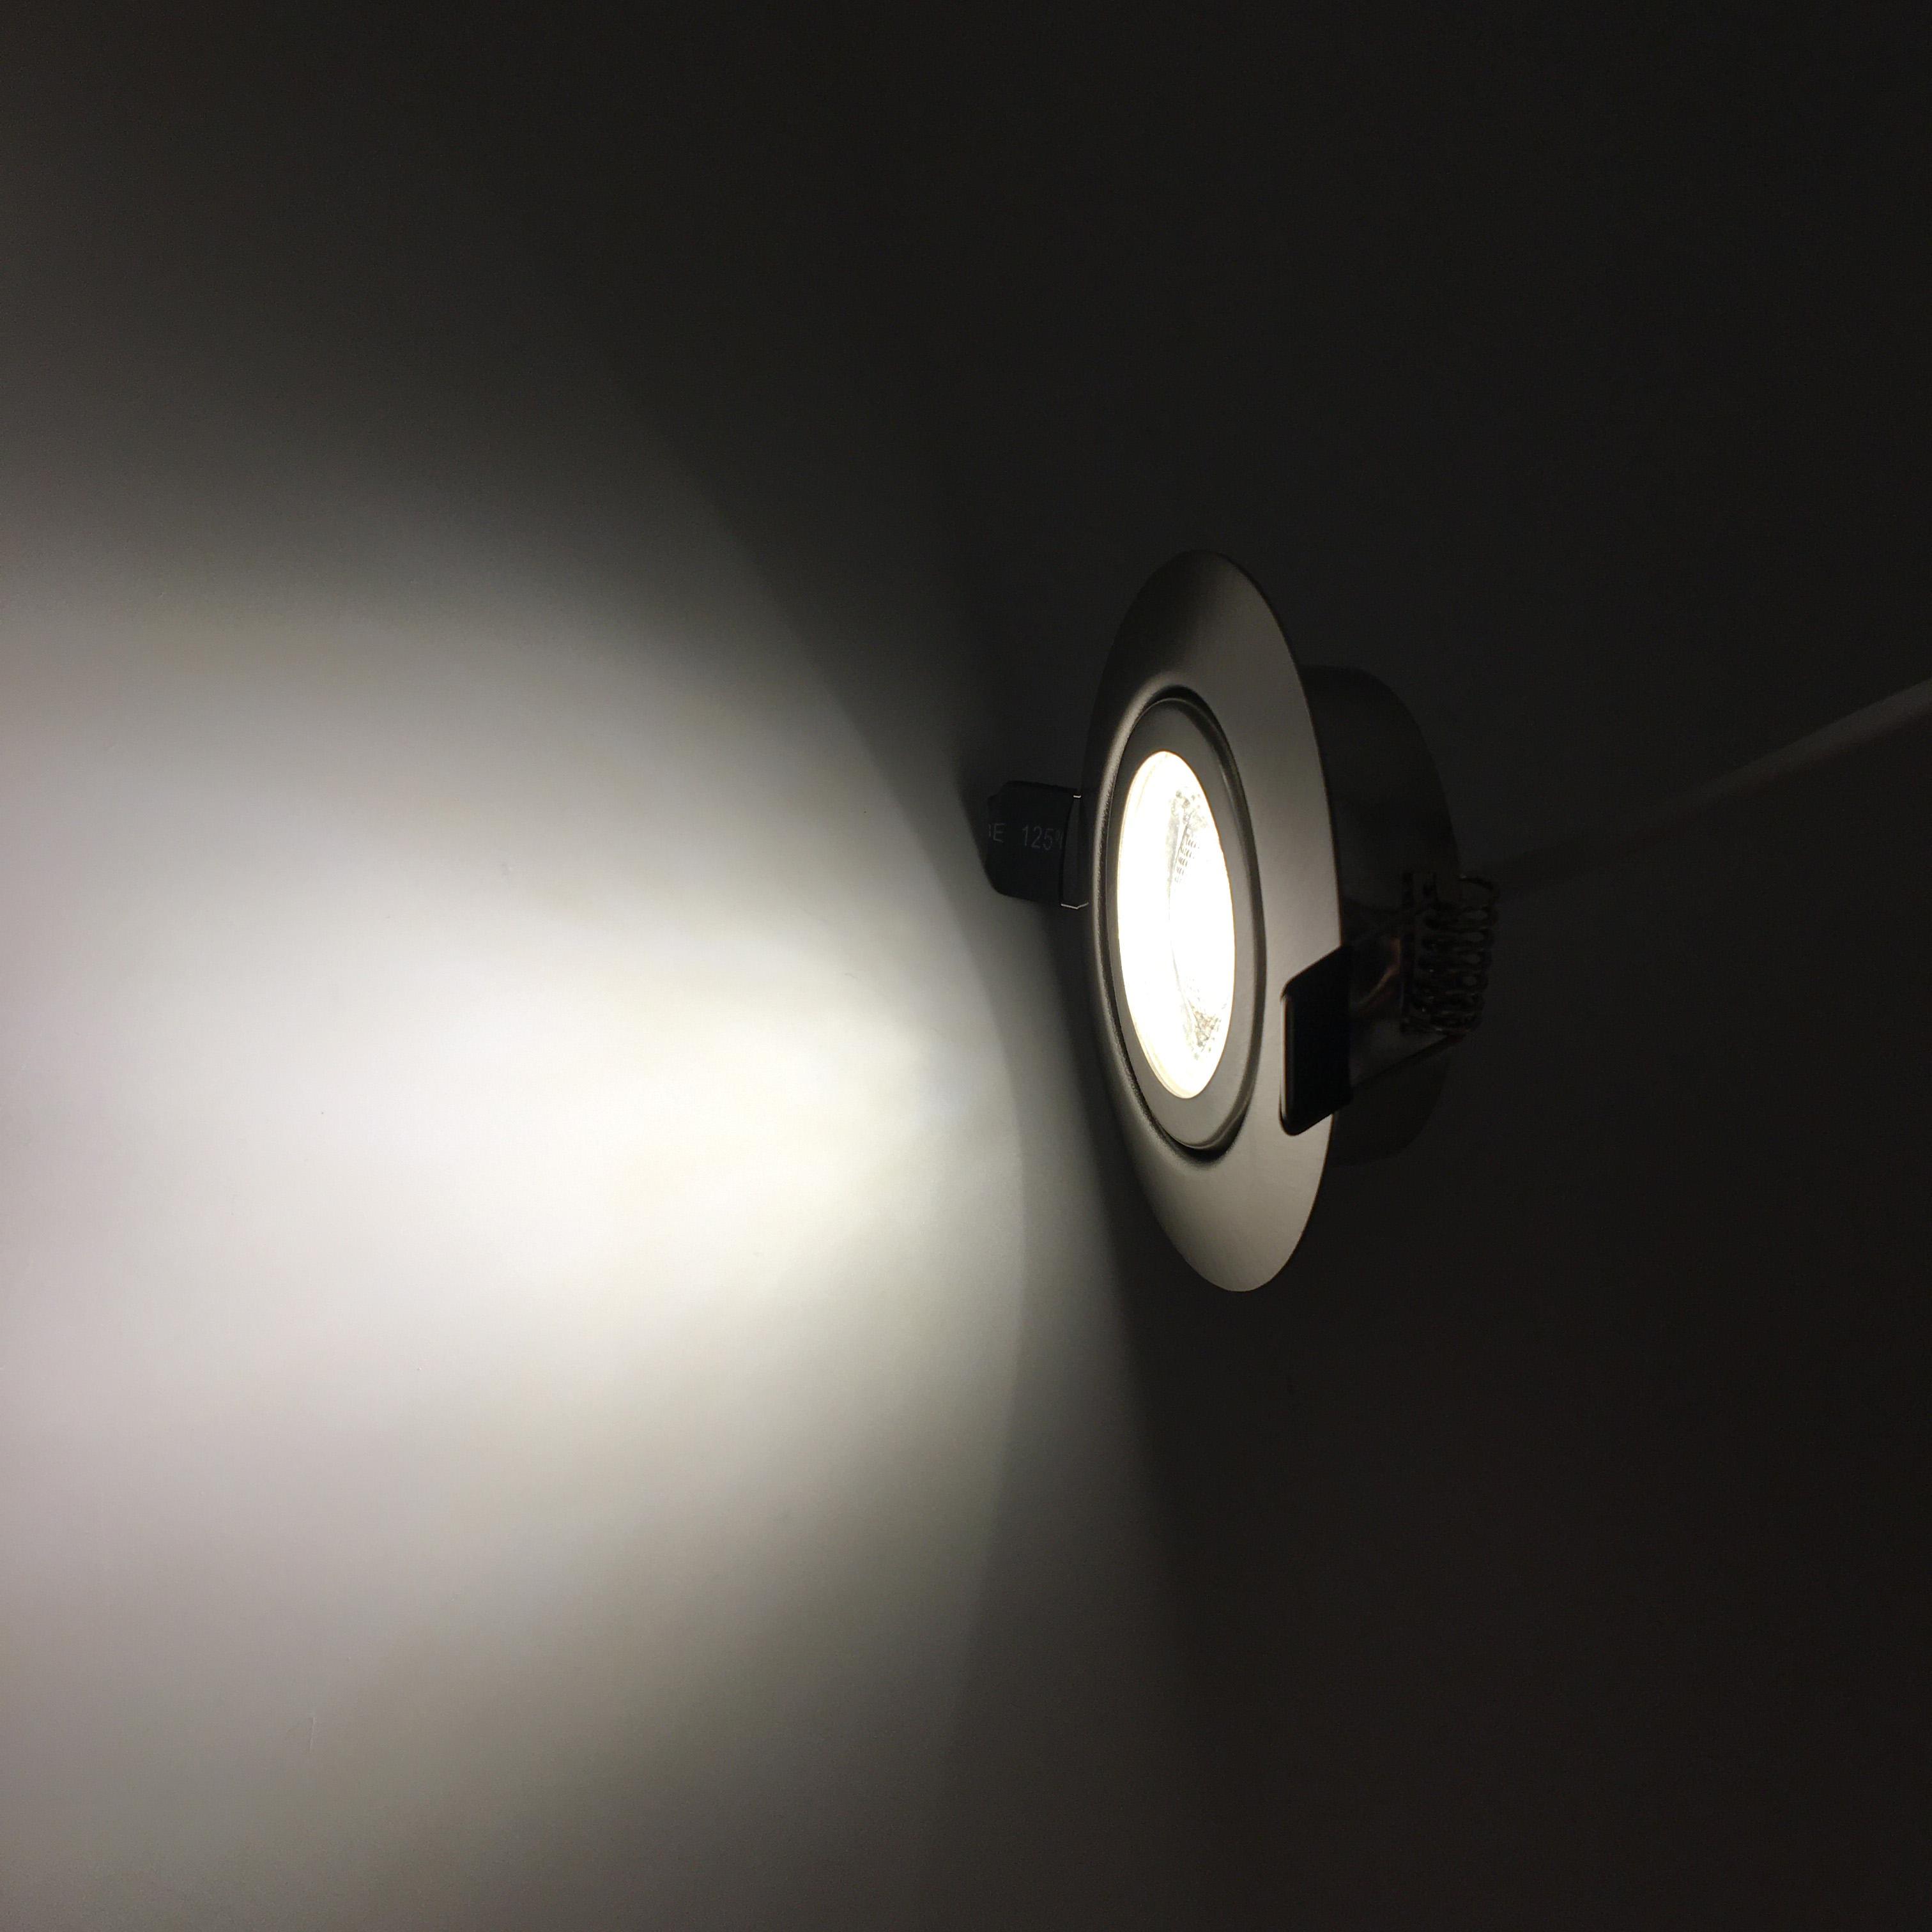 3000K  6000K Super Slim Downlight Dimmable Spot Light LED Embedded Ceiling Spotlight